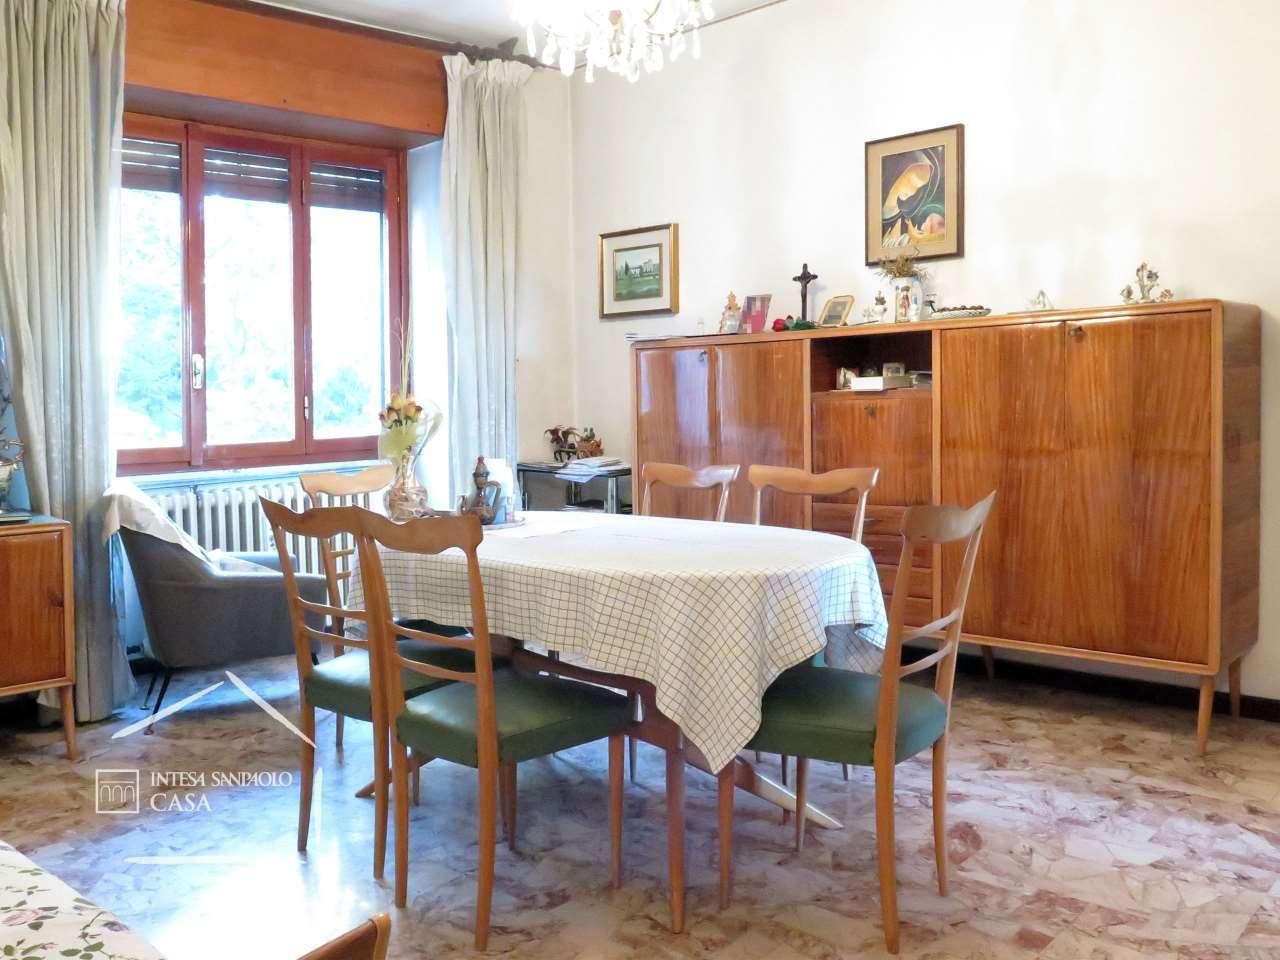 Casa indipendente in Vendita a Veduggio Con Colzano: 5 locali, 208 mq - Foto 3